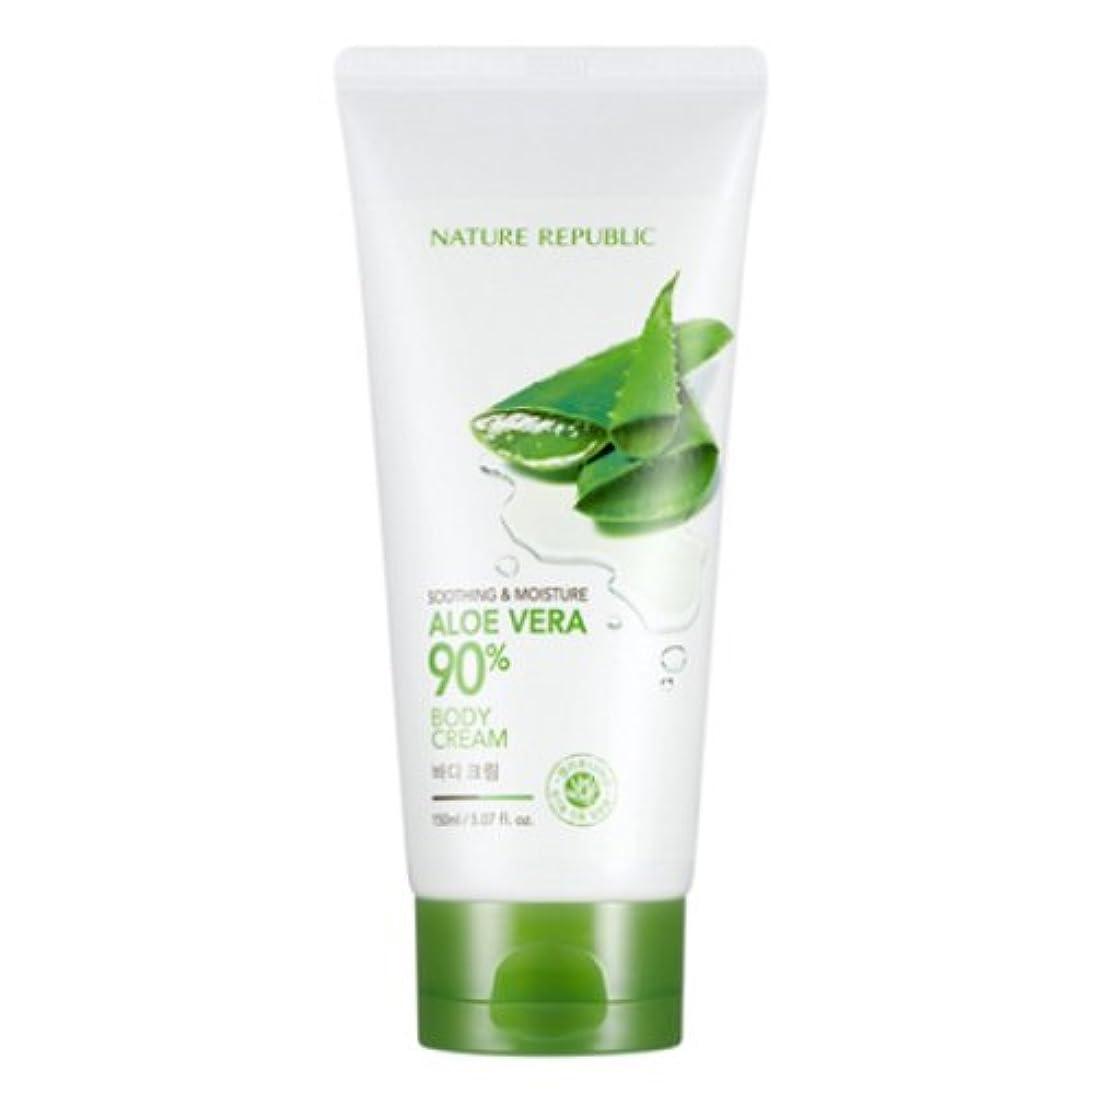 高尚なリズム聴く[ネイチャーリパブリック] Nature republicスージングアンドモイスチャーアロエベラ90%ボディクリーム海外直送品(Soothing And Moisture Aloe Vera90%Body Cream)...